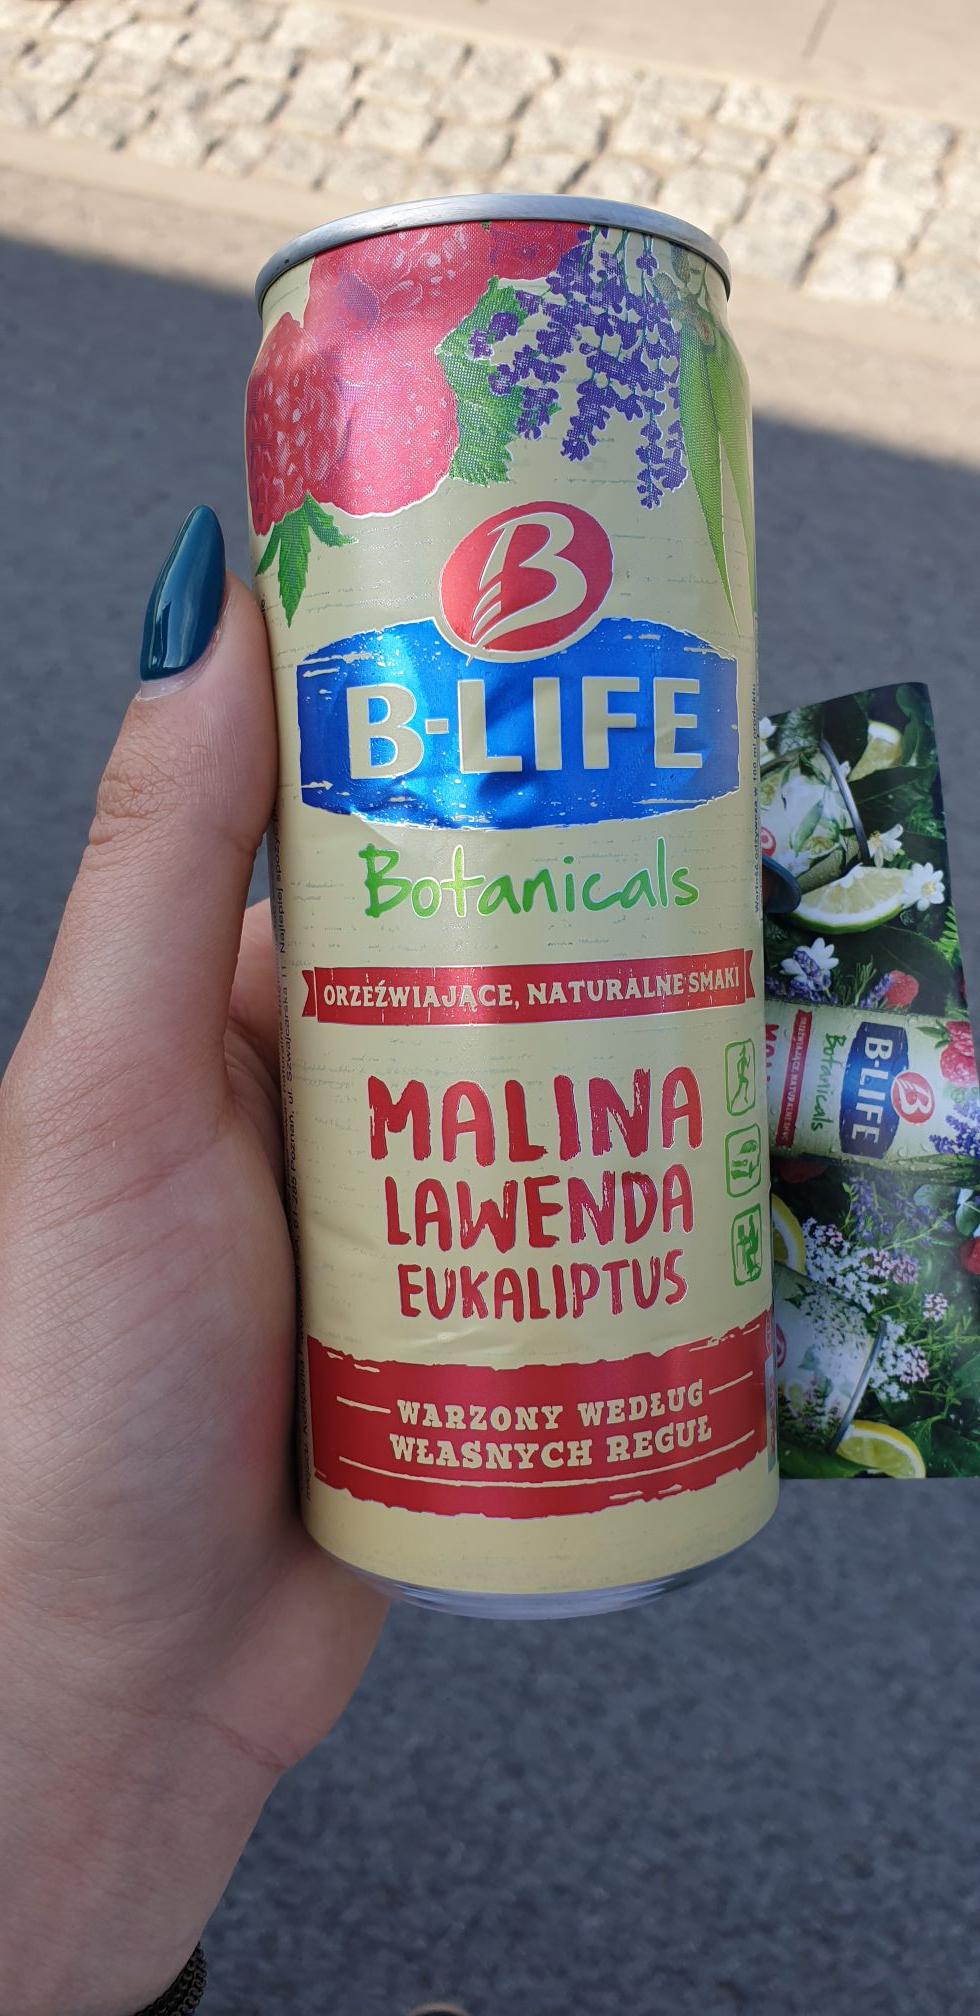 Darmowy napój botaniczny b-life Warszawa przy Rzymowskiego